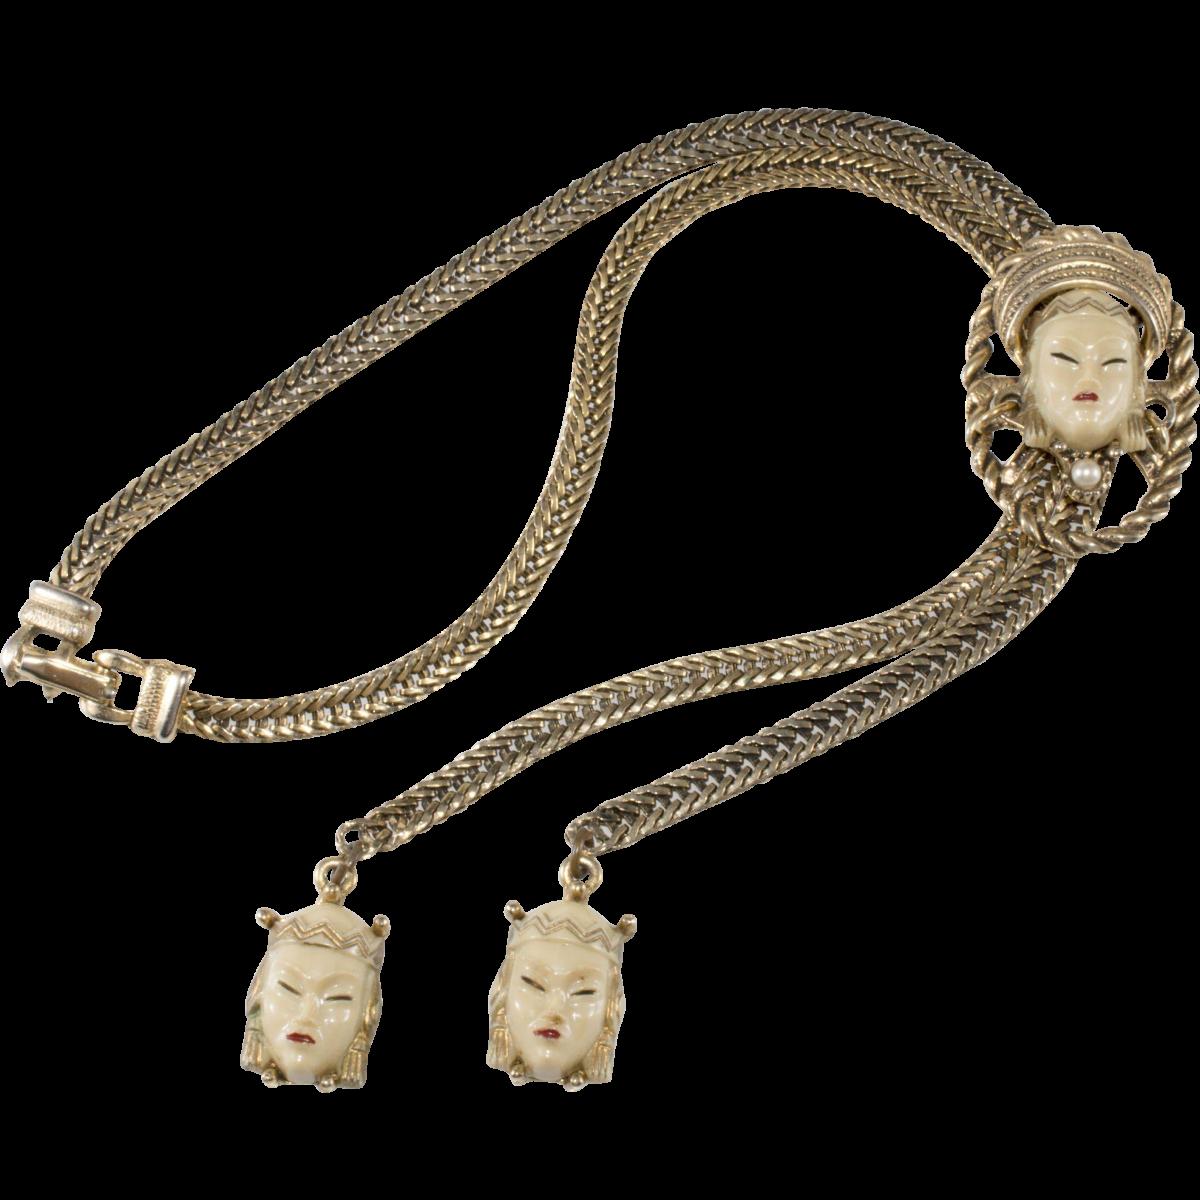 Selro 'Asian Princess' bolo necklace